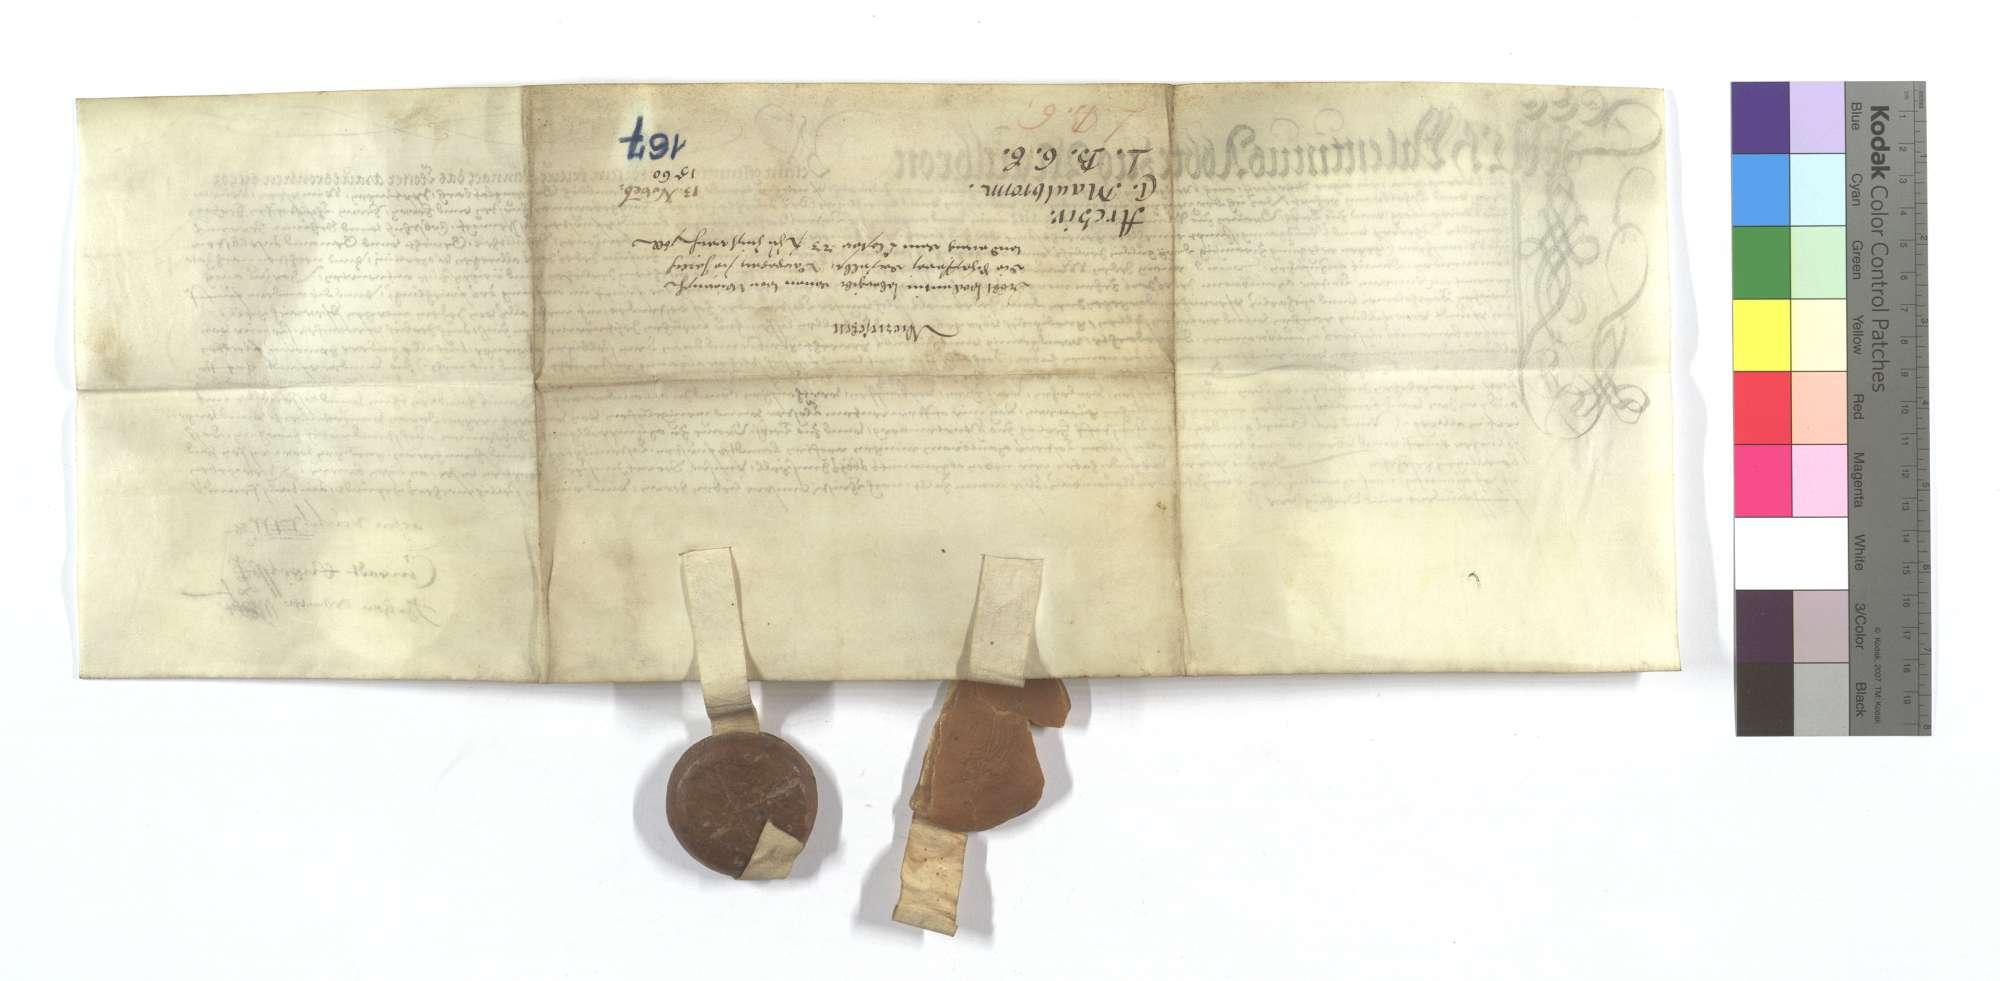 Lehensbrief des Abts von Maulbronn für die Kommune Wiernsheim um die Schäferei dort, samt der Gerechtigkeit einer Zufahrt nach Großglattbach (Großglappach), Iptingen, Wimsheim (Wimbsheim), Wurmberg und Öschelbronn (Eschelbronn)., Rückseite